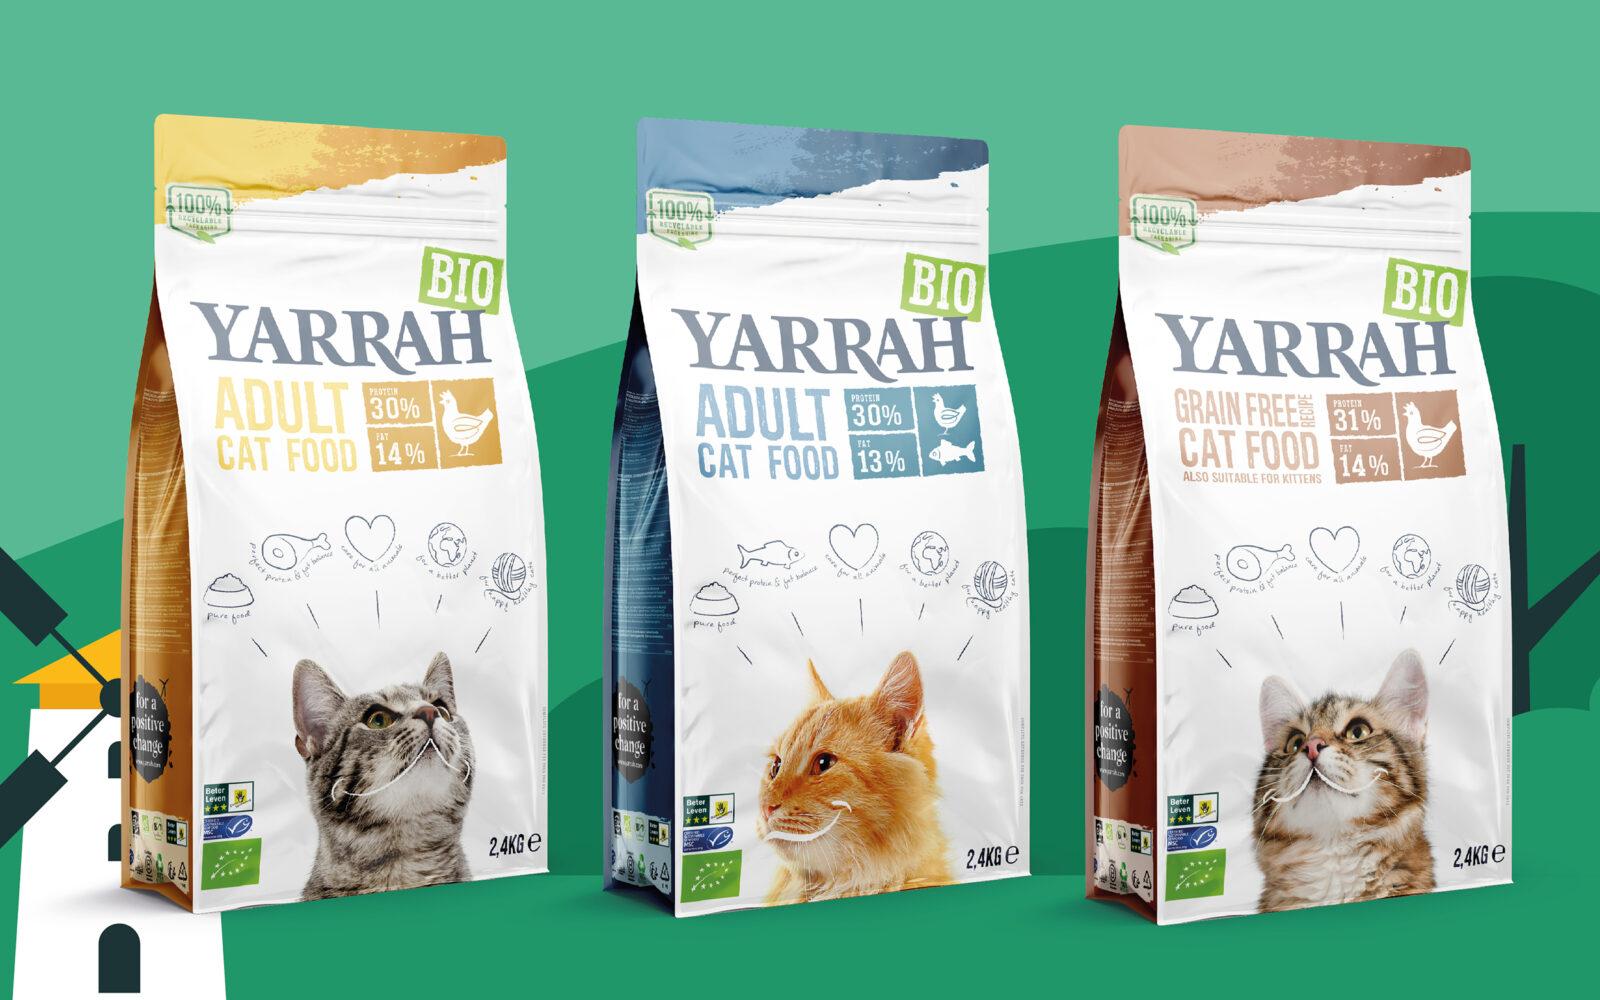 Yarrah Cat Food Case Study 2.4KG